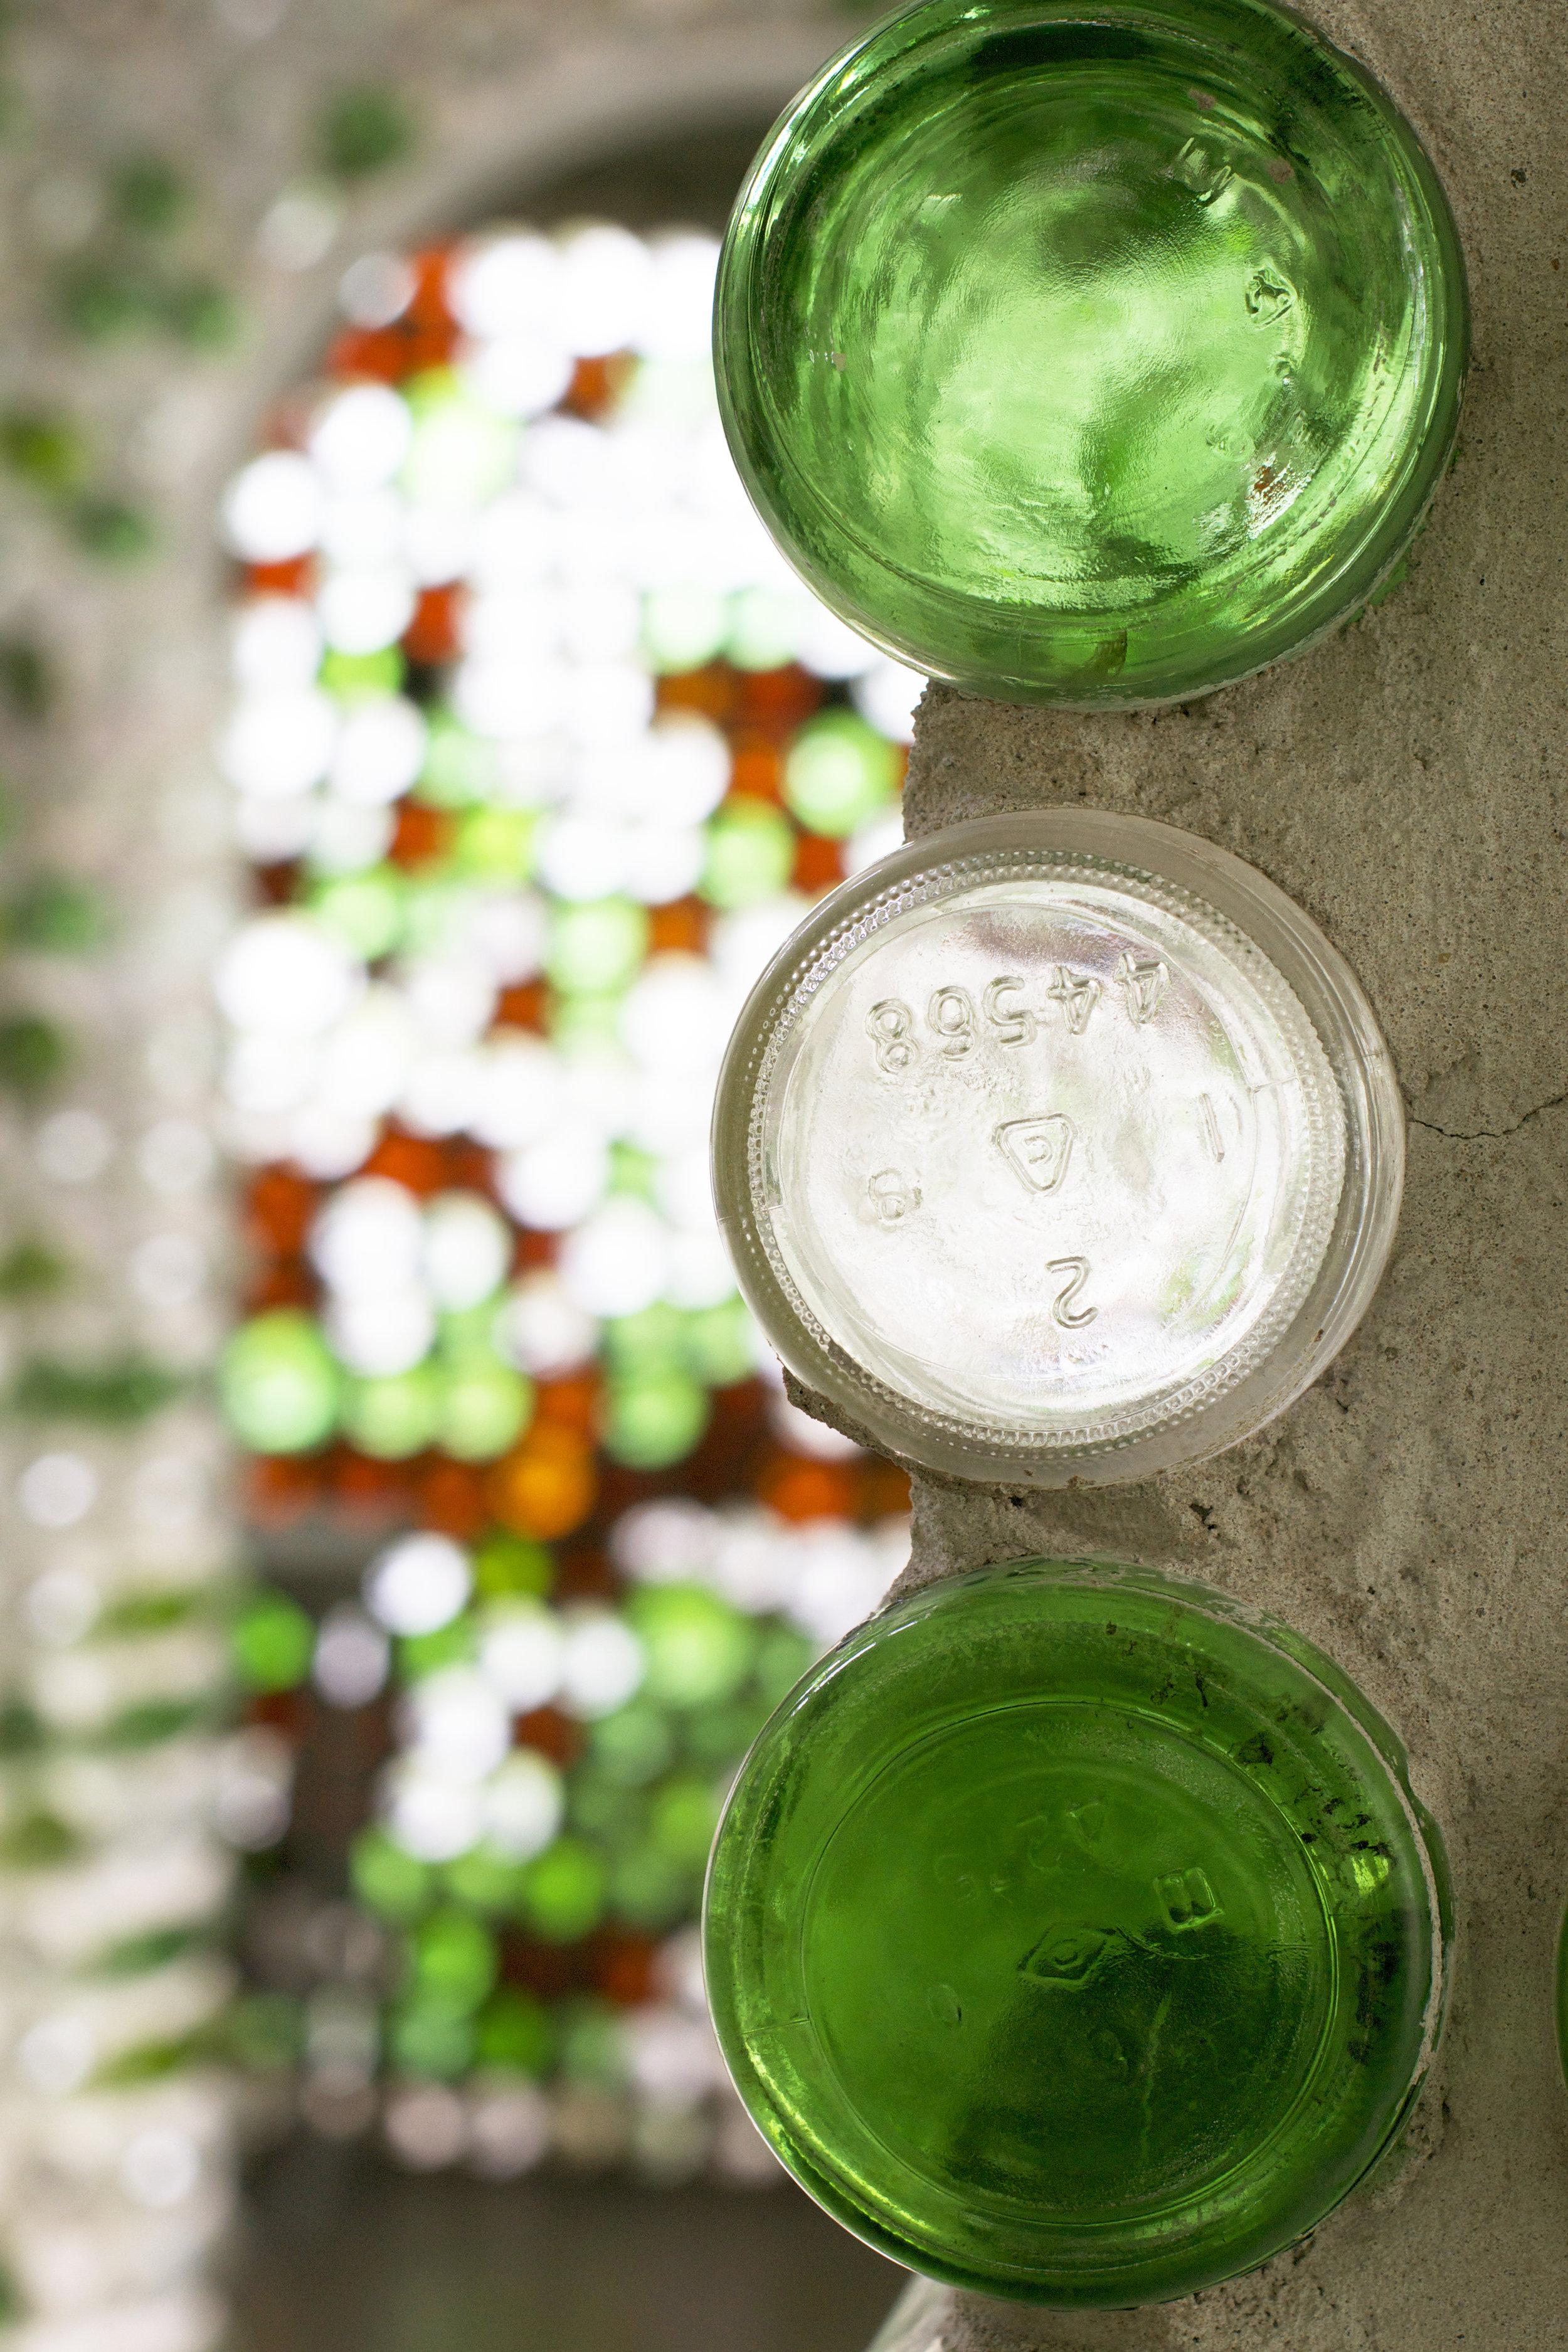 3-bottles-zoomed-in.jpg